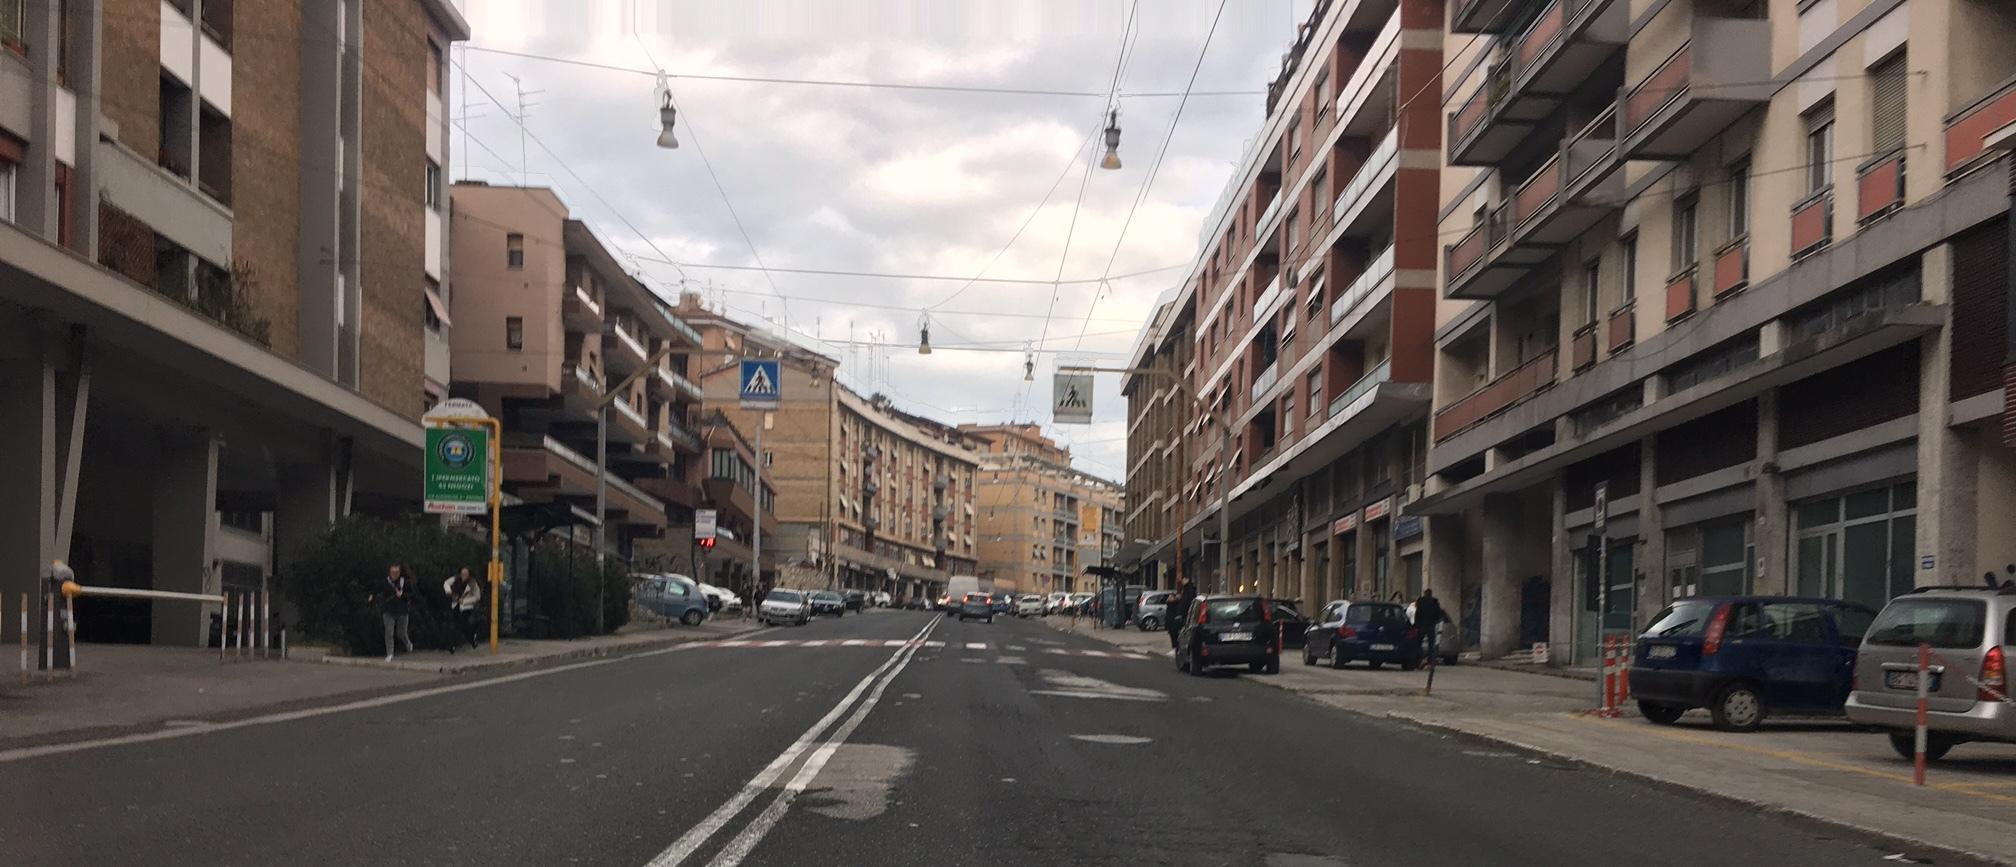 Incidenti in via Martiri della Resistenza, Eliantonio: «Subito nuovo attraversamento pedonale»